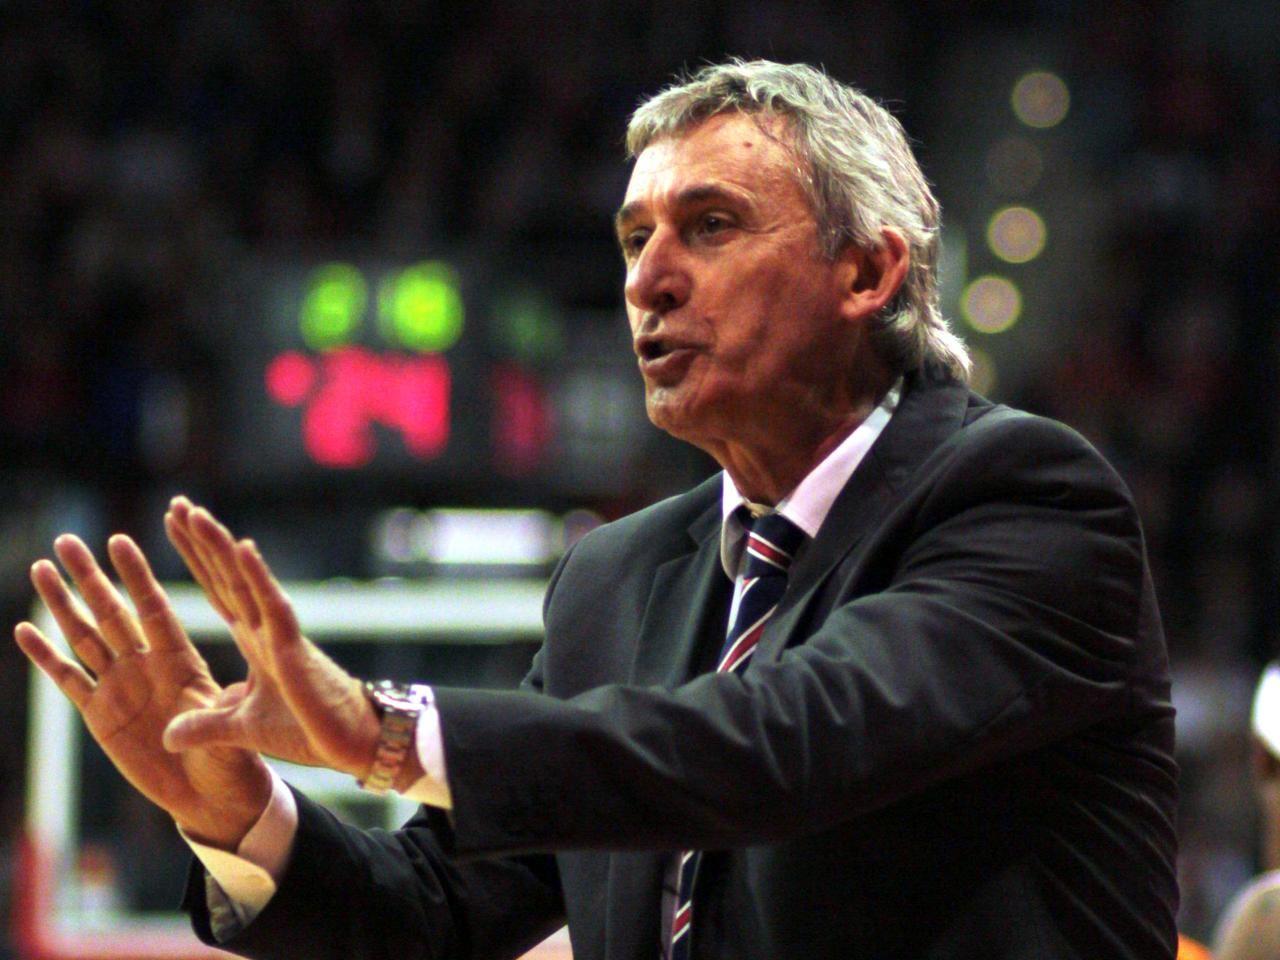 Košarkaška reprezentacija bez selektora, Danilović najavljuje pregovore sa Karijem Pešićem